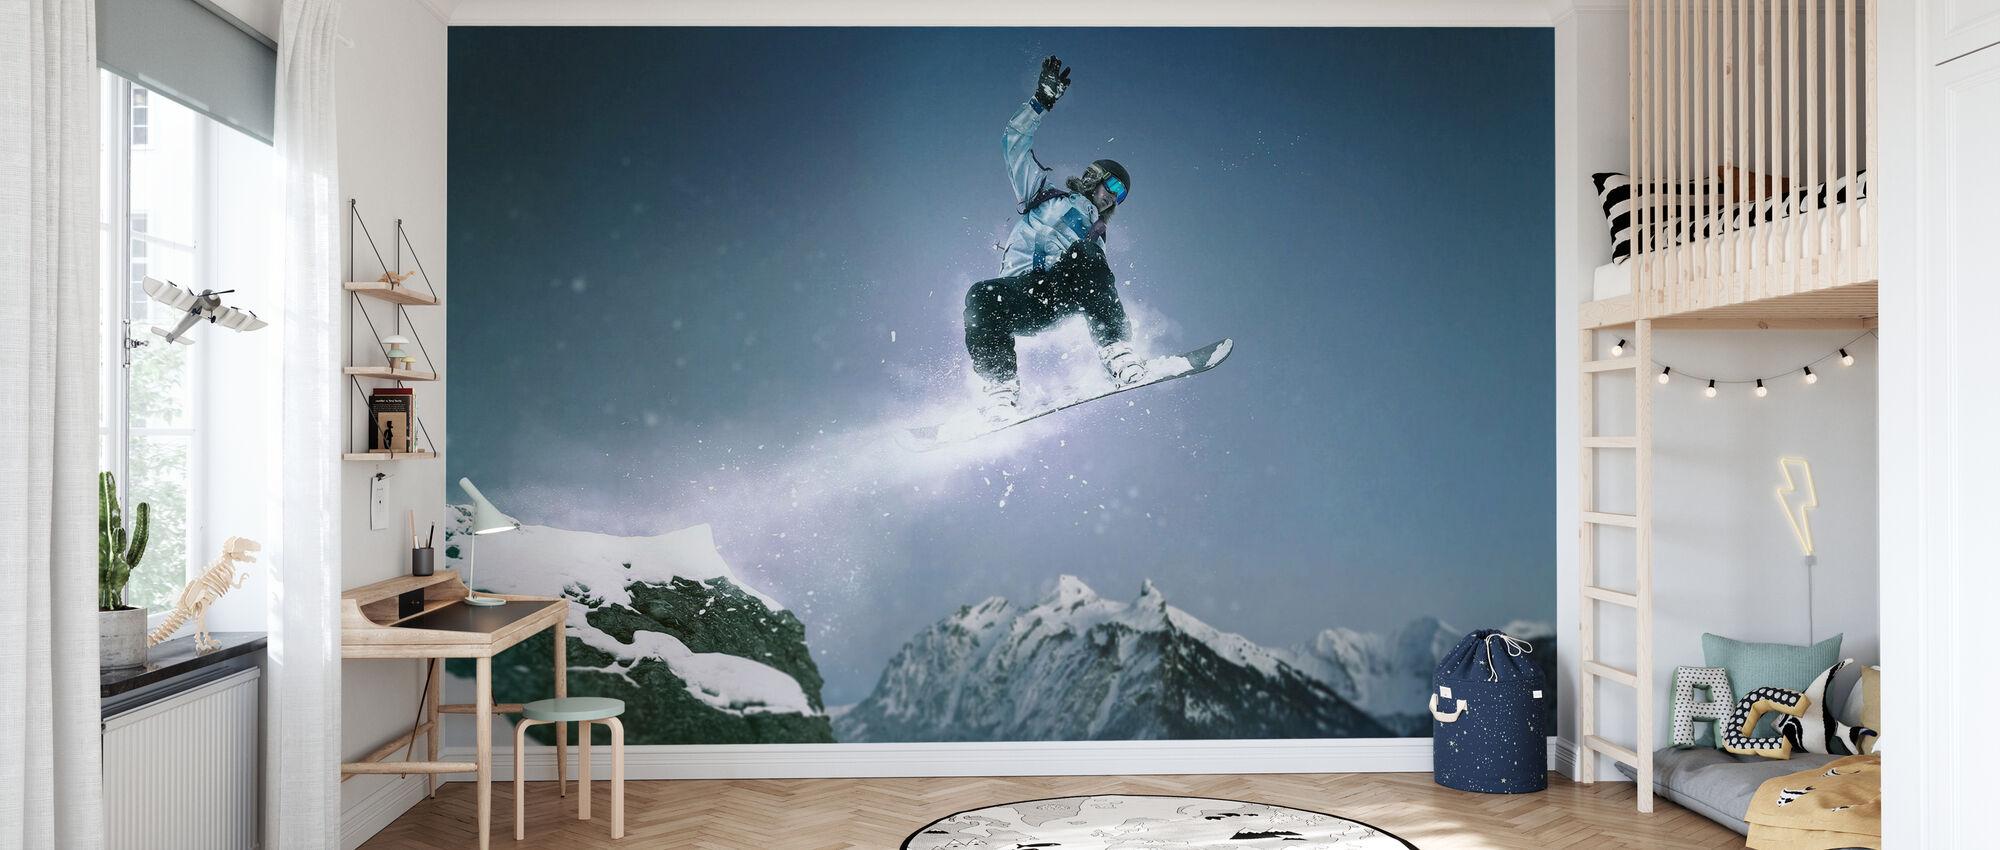 Snowboard Methode Grijper - Behang - Kinderkamer